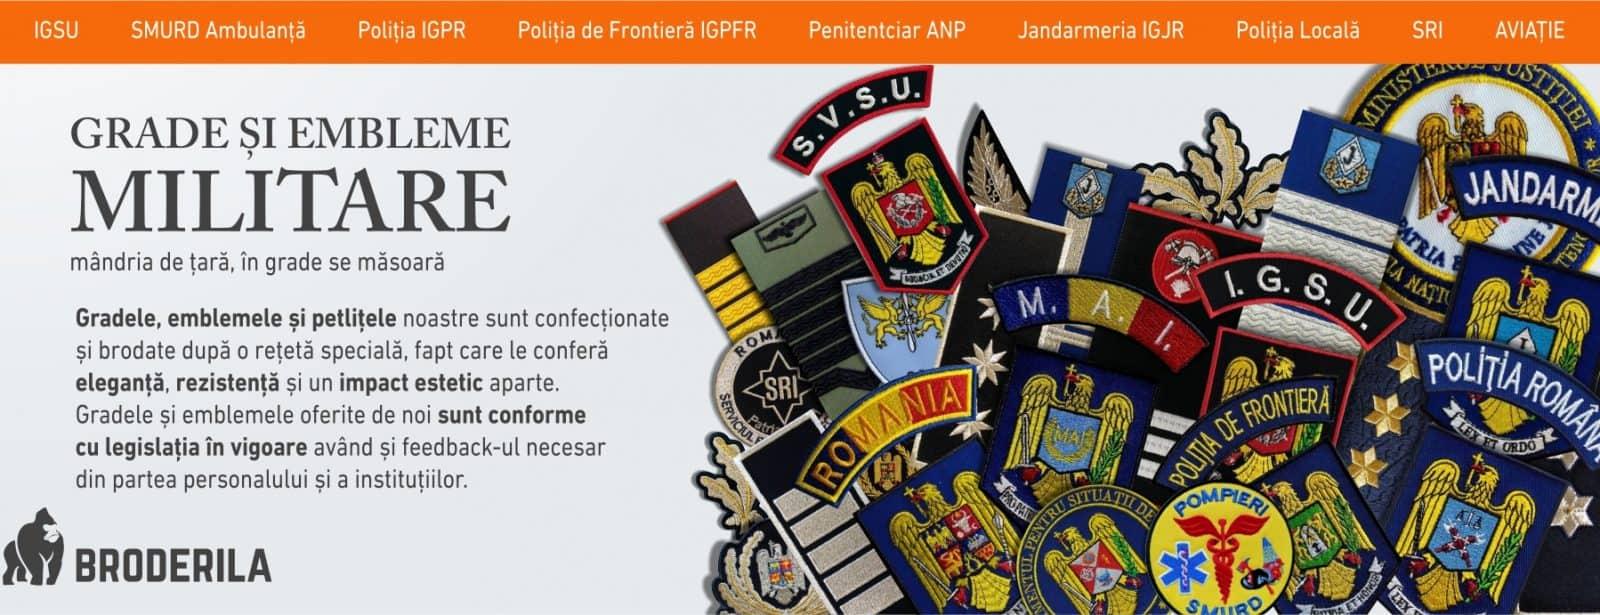 grade militare epoleti militare epoleti brodati embleme brodate broderila.ro